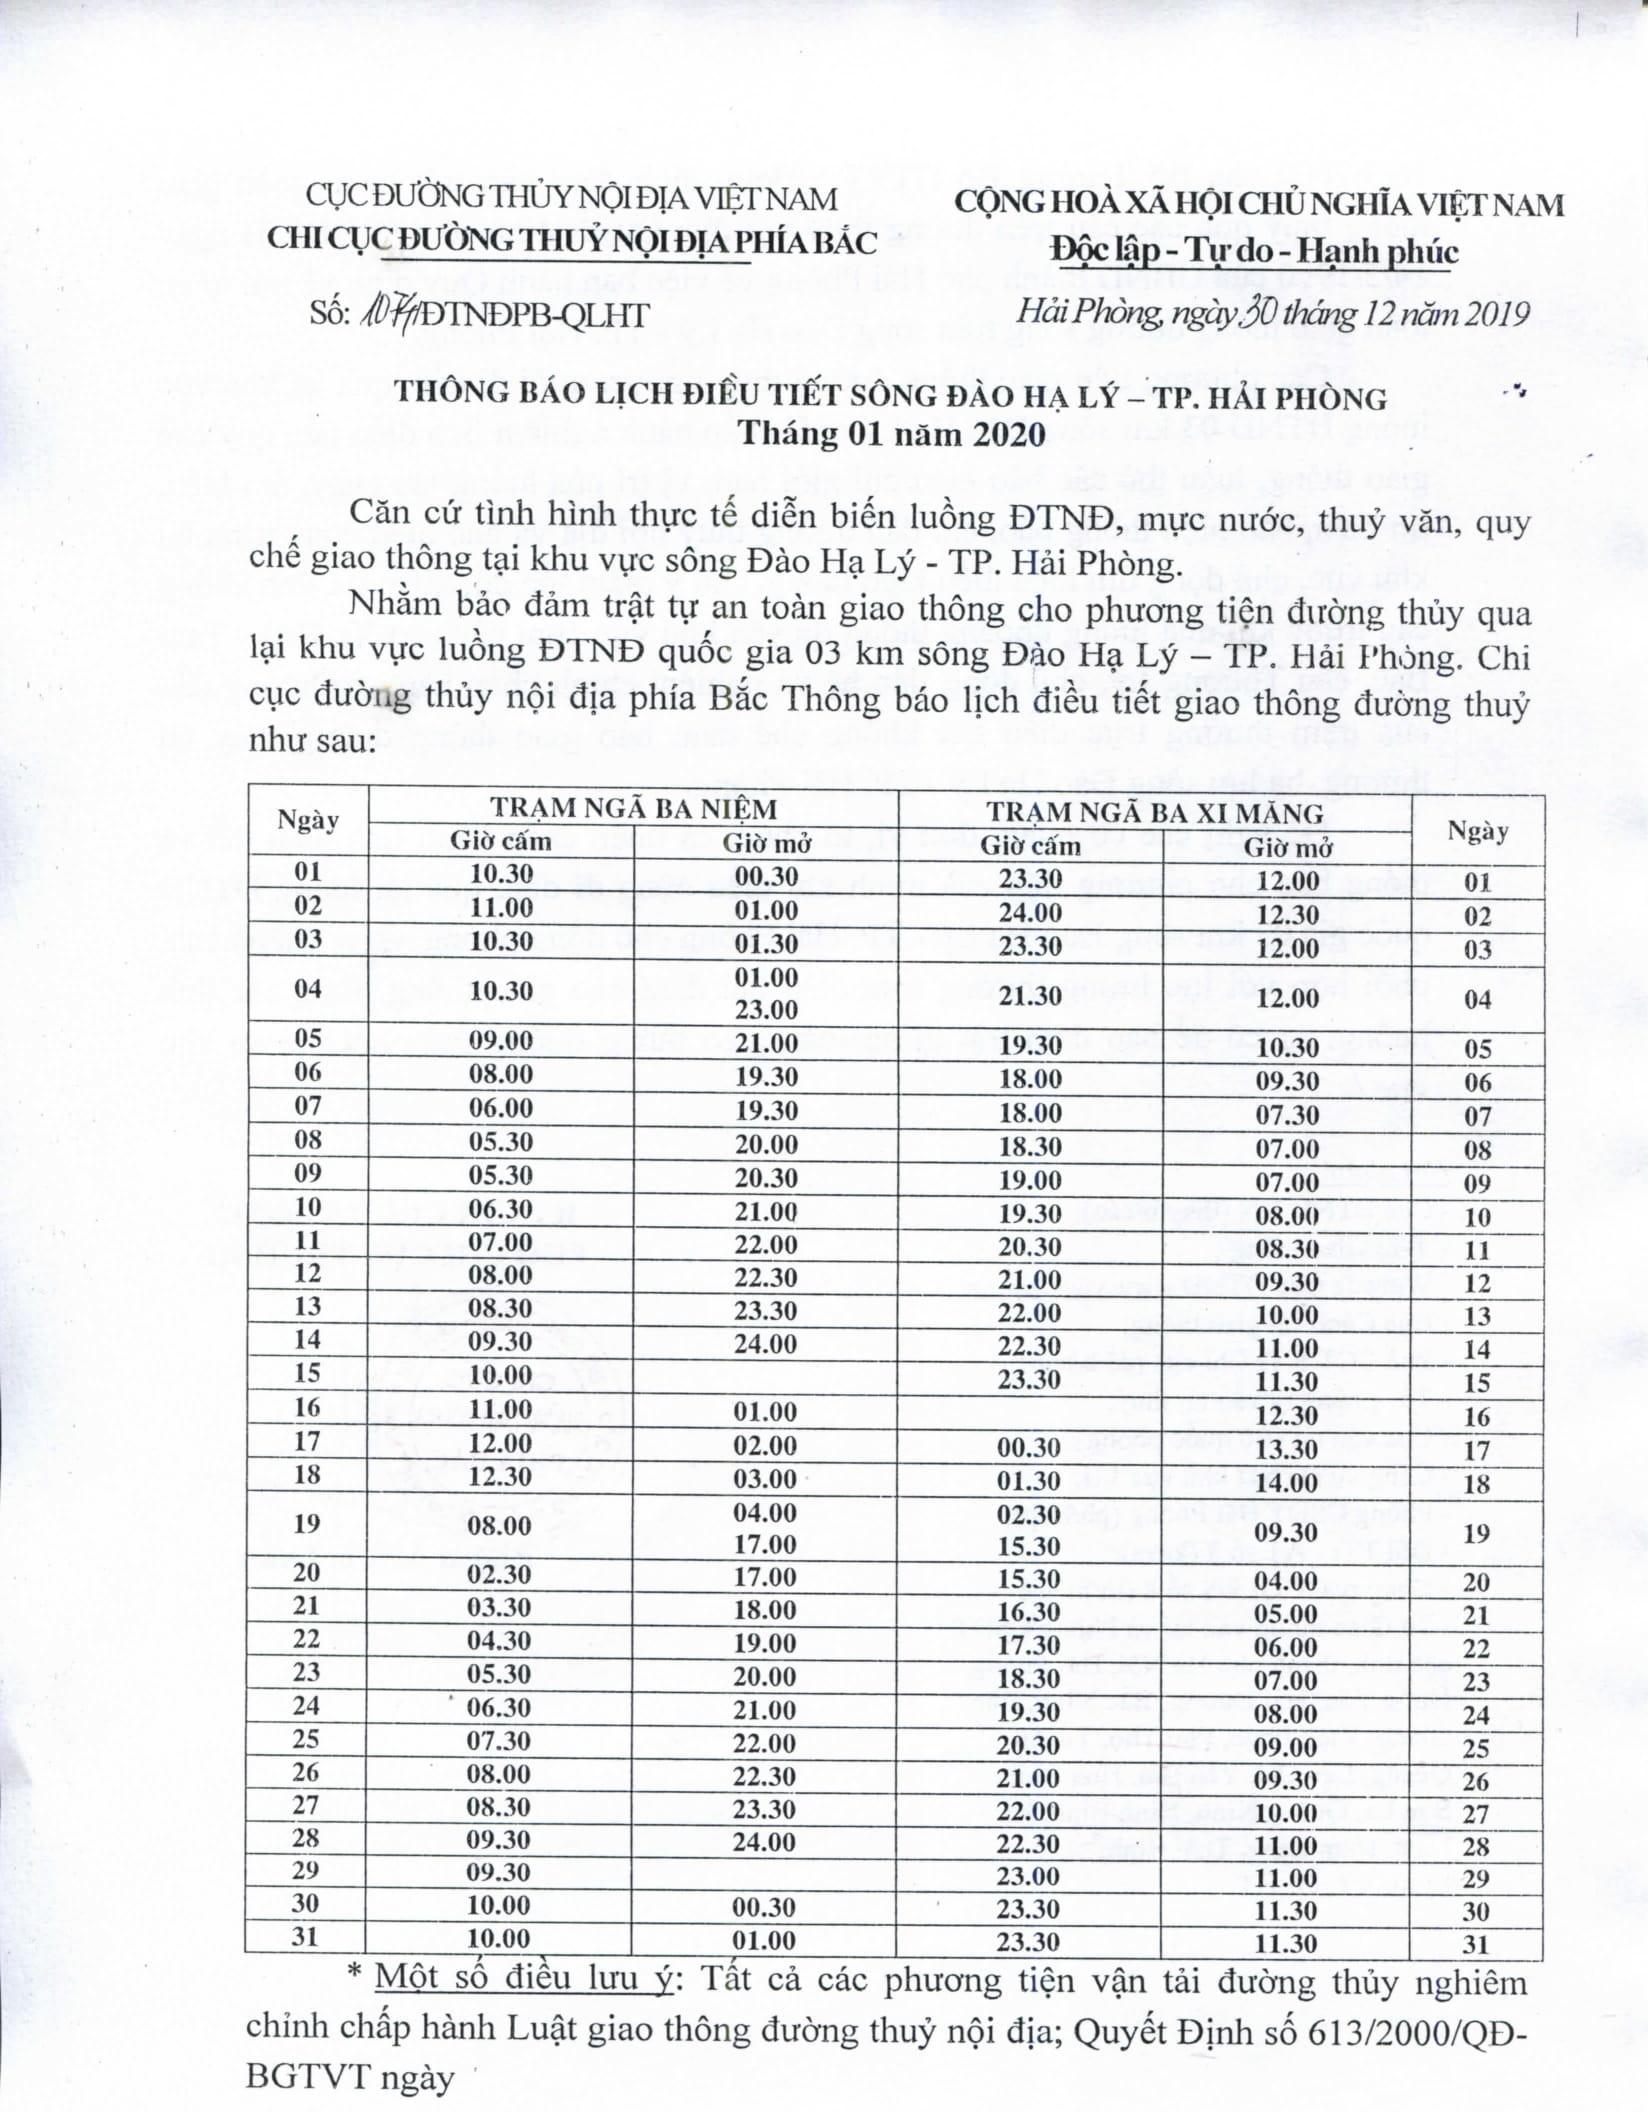 Thông báo lịch điều tiết sông Đào Hạ Lý - TP Hải Phòng tháng 01/2020